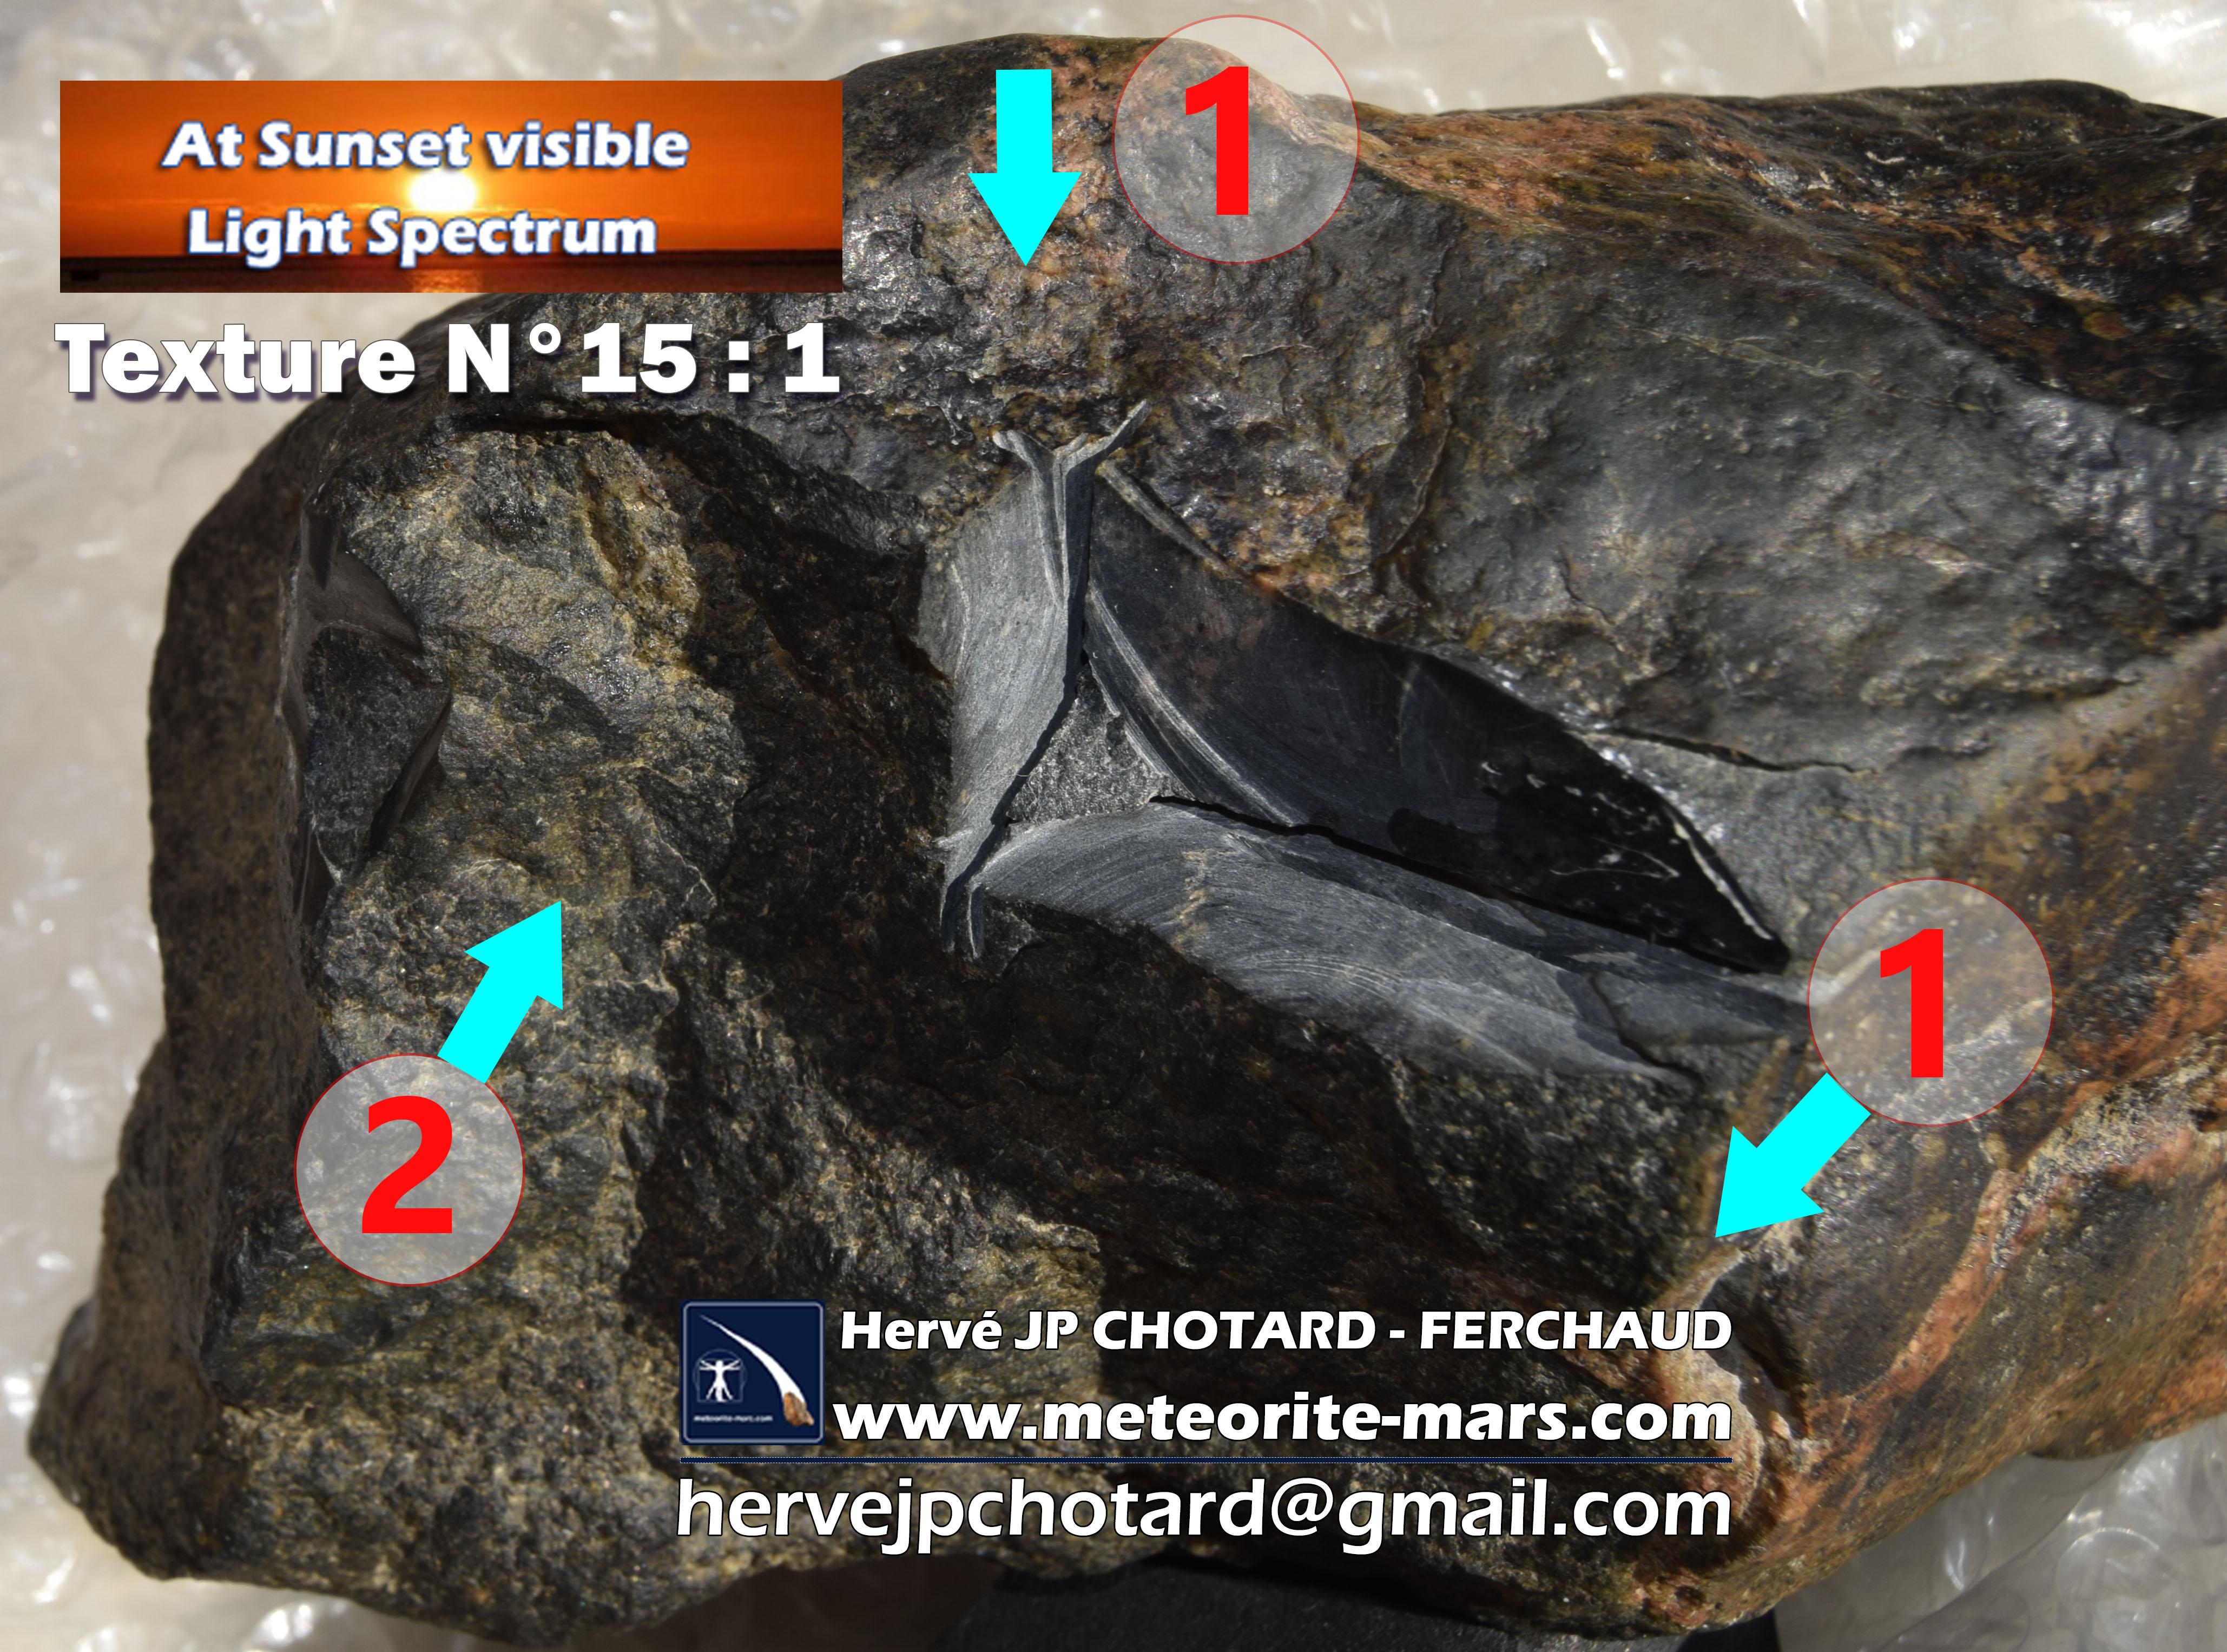 texture N°15-1 meteorite-mars.com